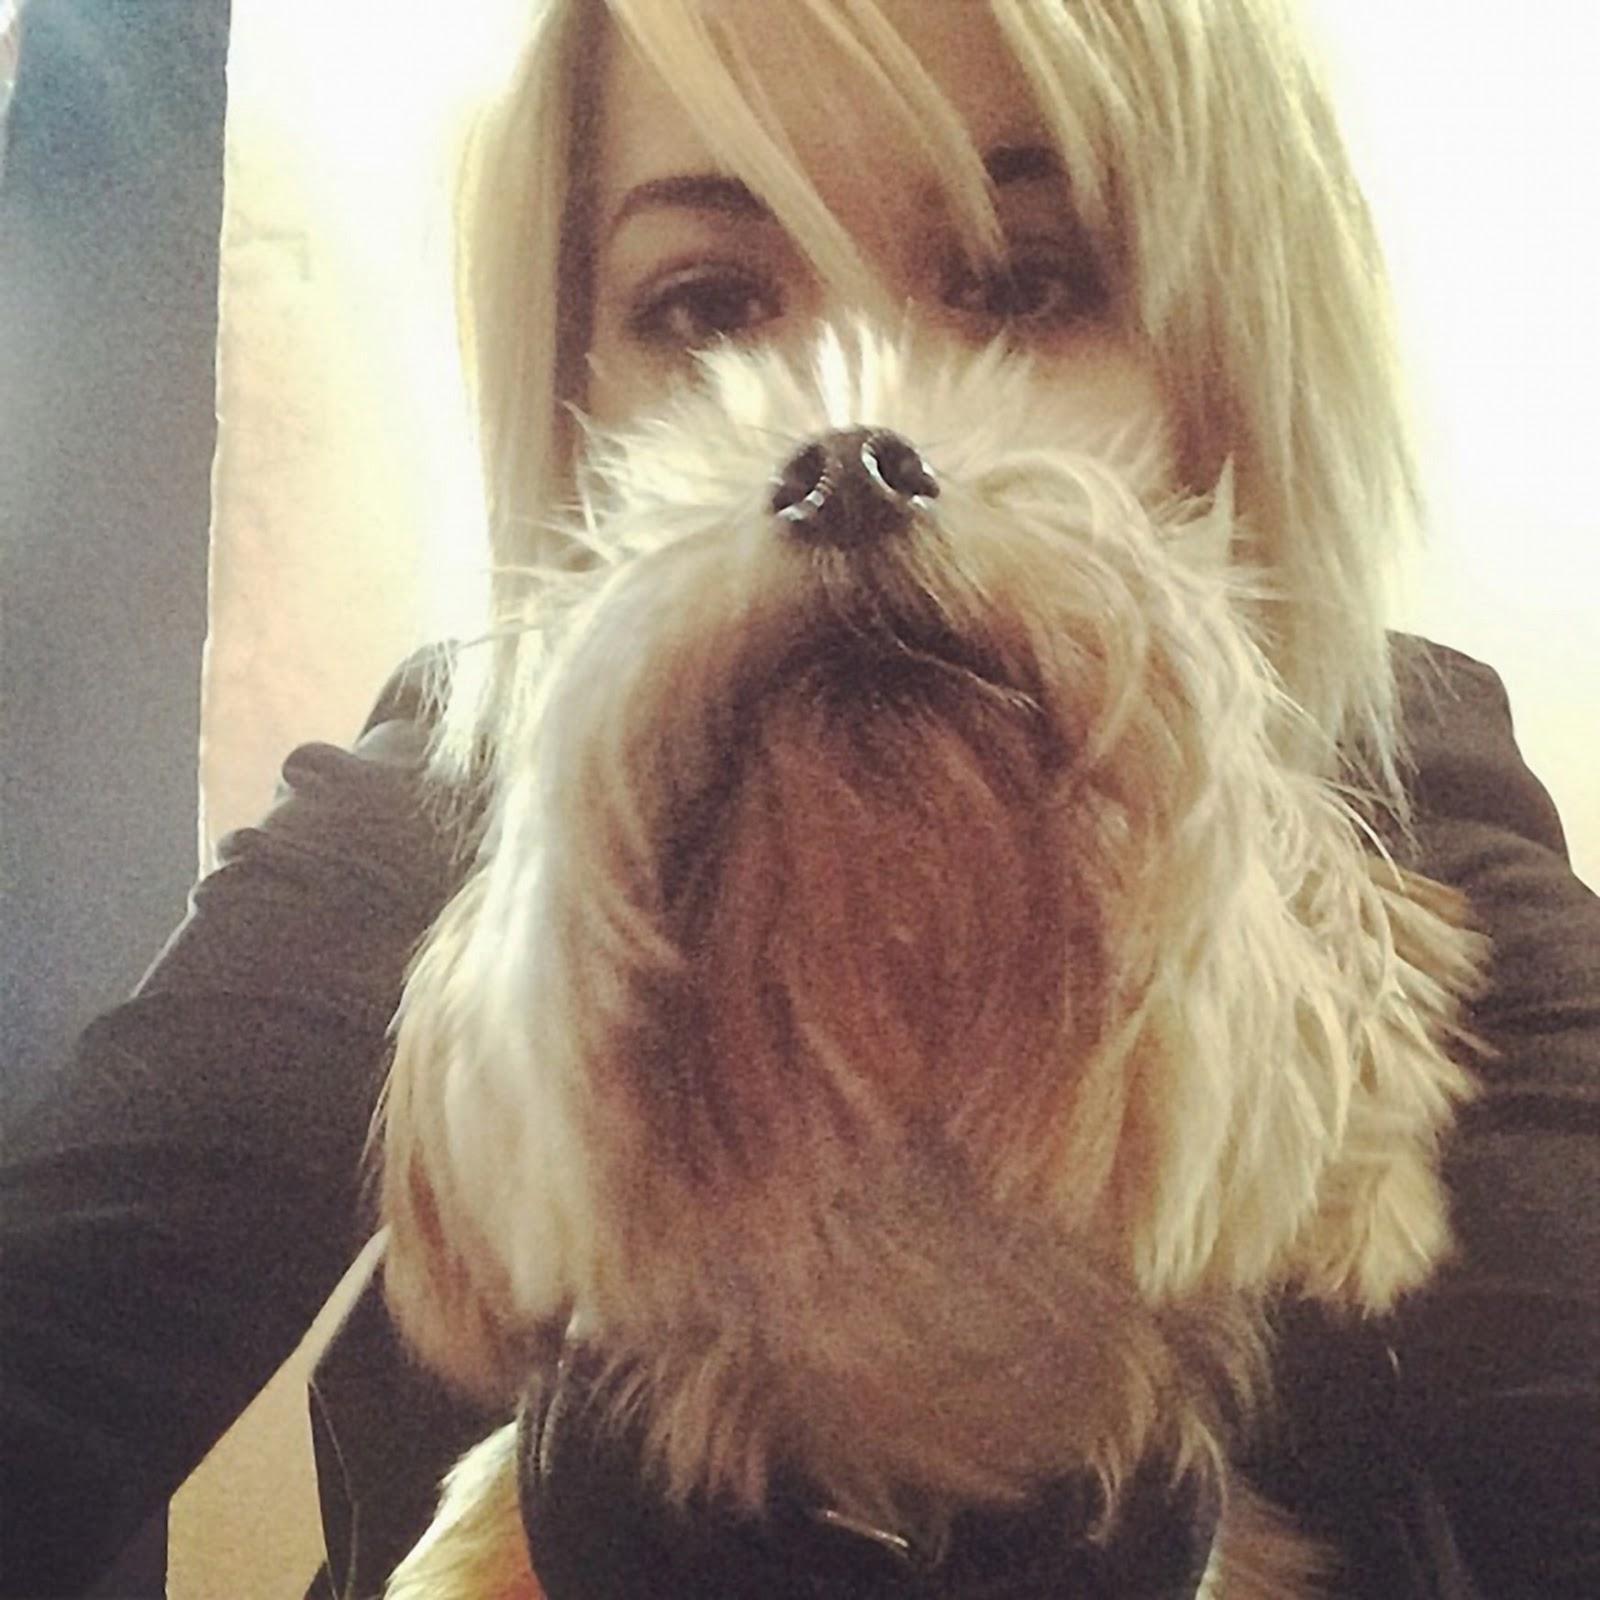 Nueva twipic de Rita Ora con su mascota